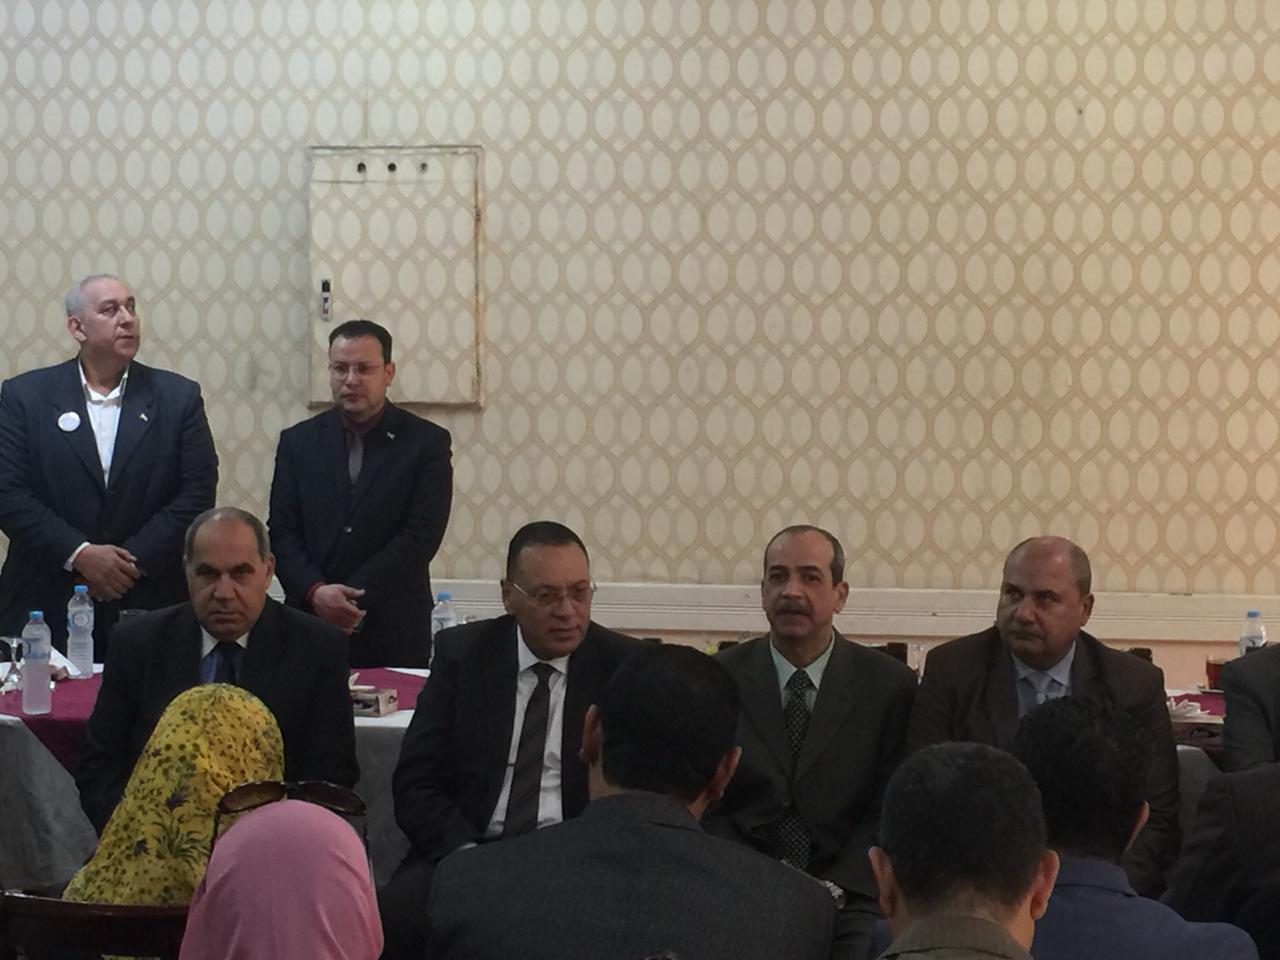 حفل إفطار جماعي يجمع محافظ الشرقية وقيادات مركز الزقازيق